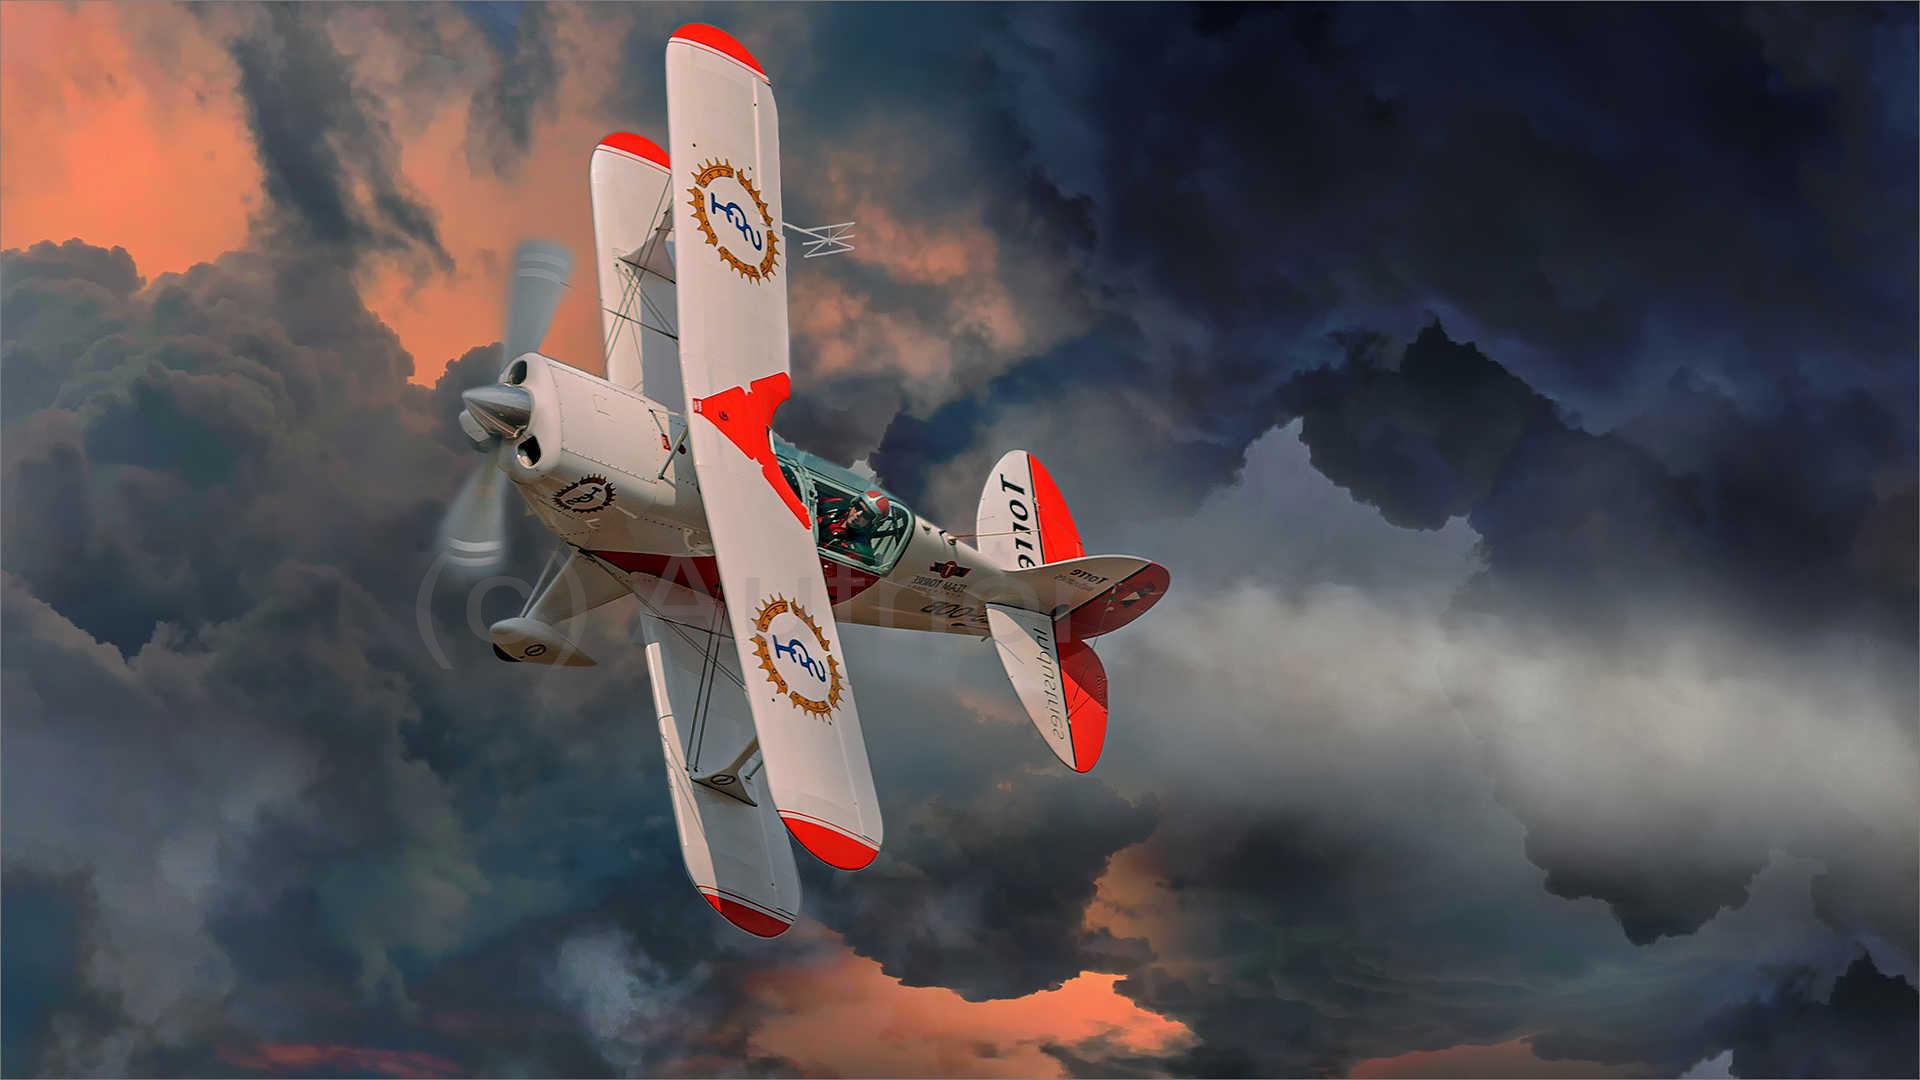 6_PI_Dream Flight 295A8635_Jorge Borralho